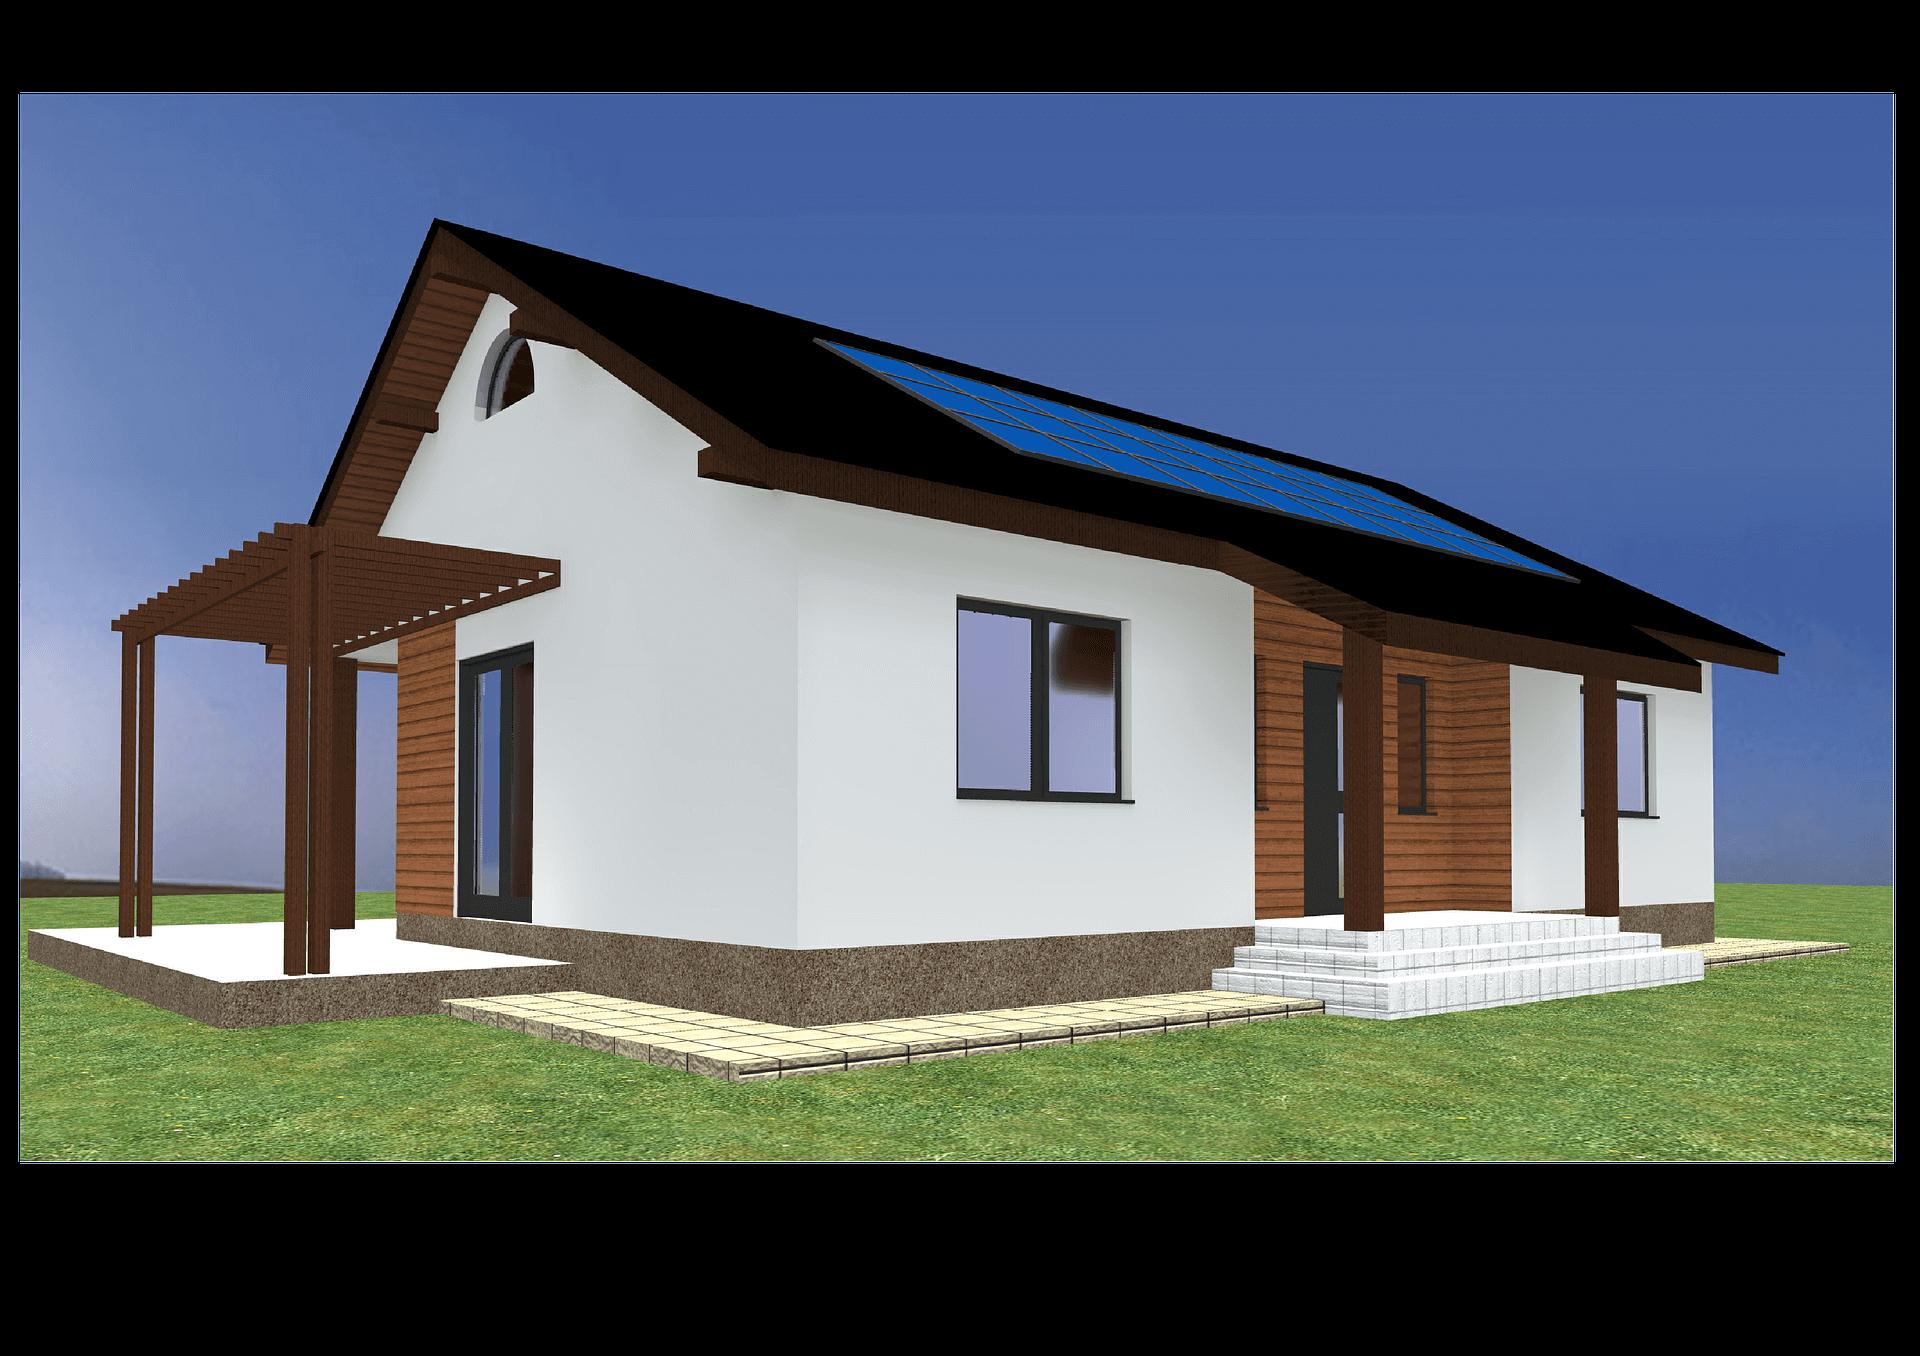 Cu nto cuesta una casa pasiva guiaarquitectura - Cuanto cuesta una casa contenedor ...